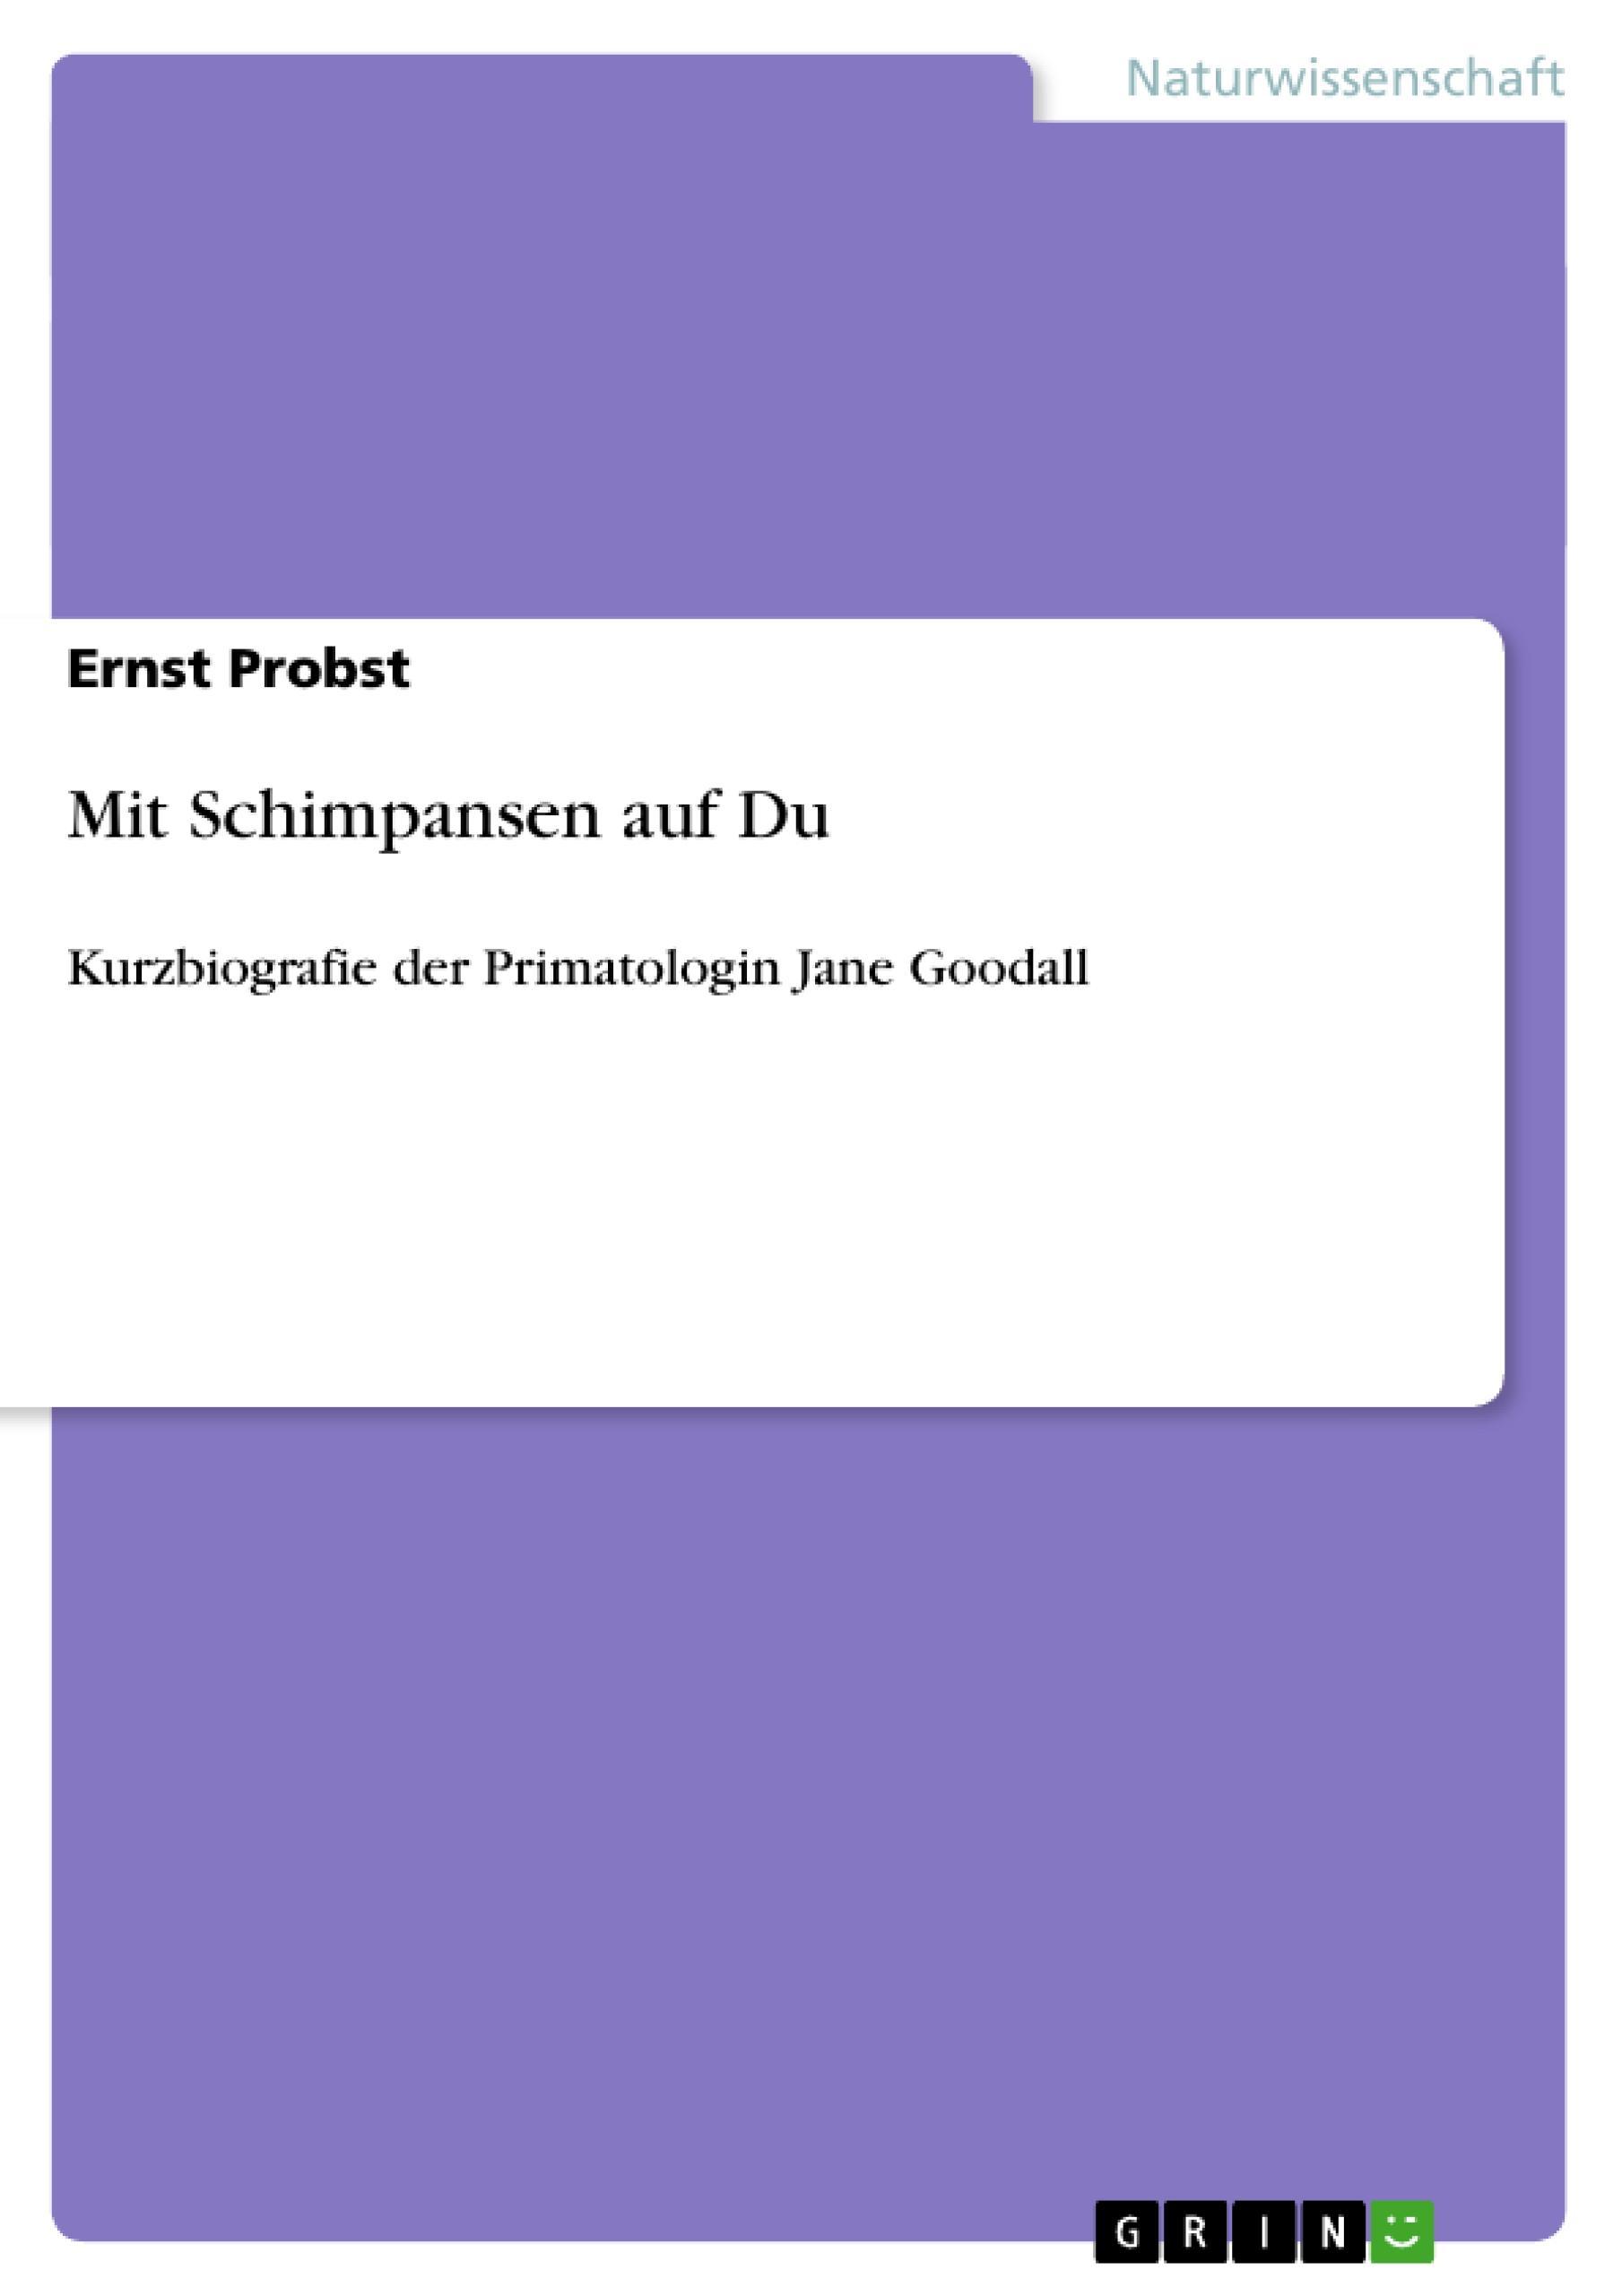 Mit Schimpansen auf Du  Kurzbiografie der Primatologin Jane Goodall  Ernst Probst  Taschenbuch  Deutsch  2012 - Probst, Ernst